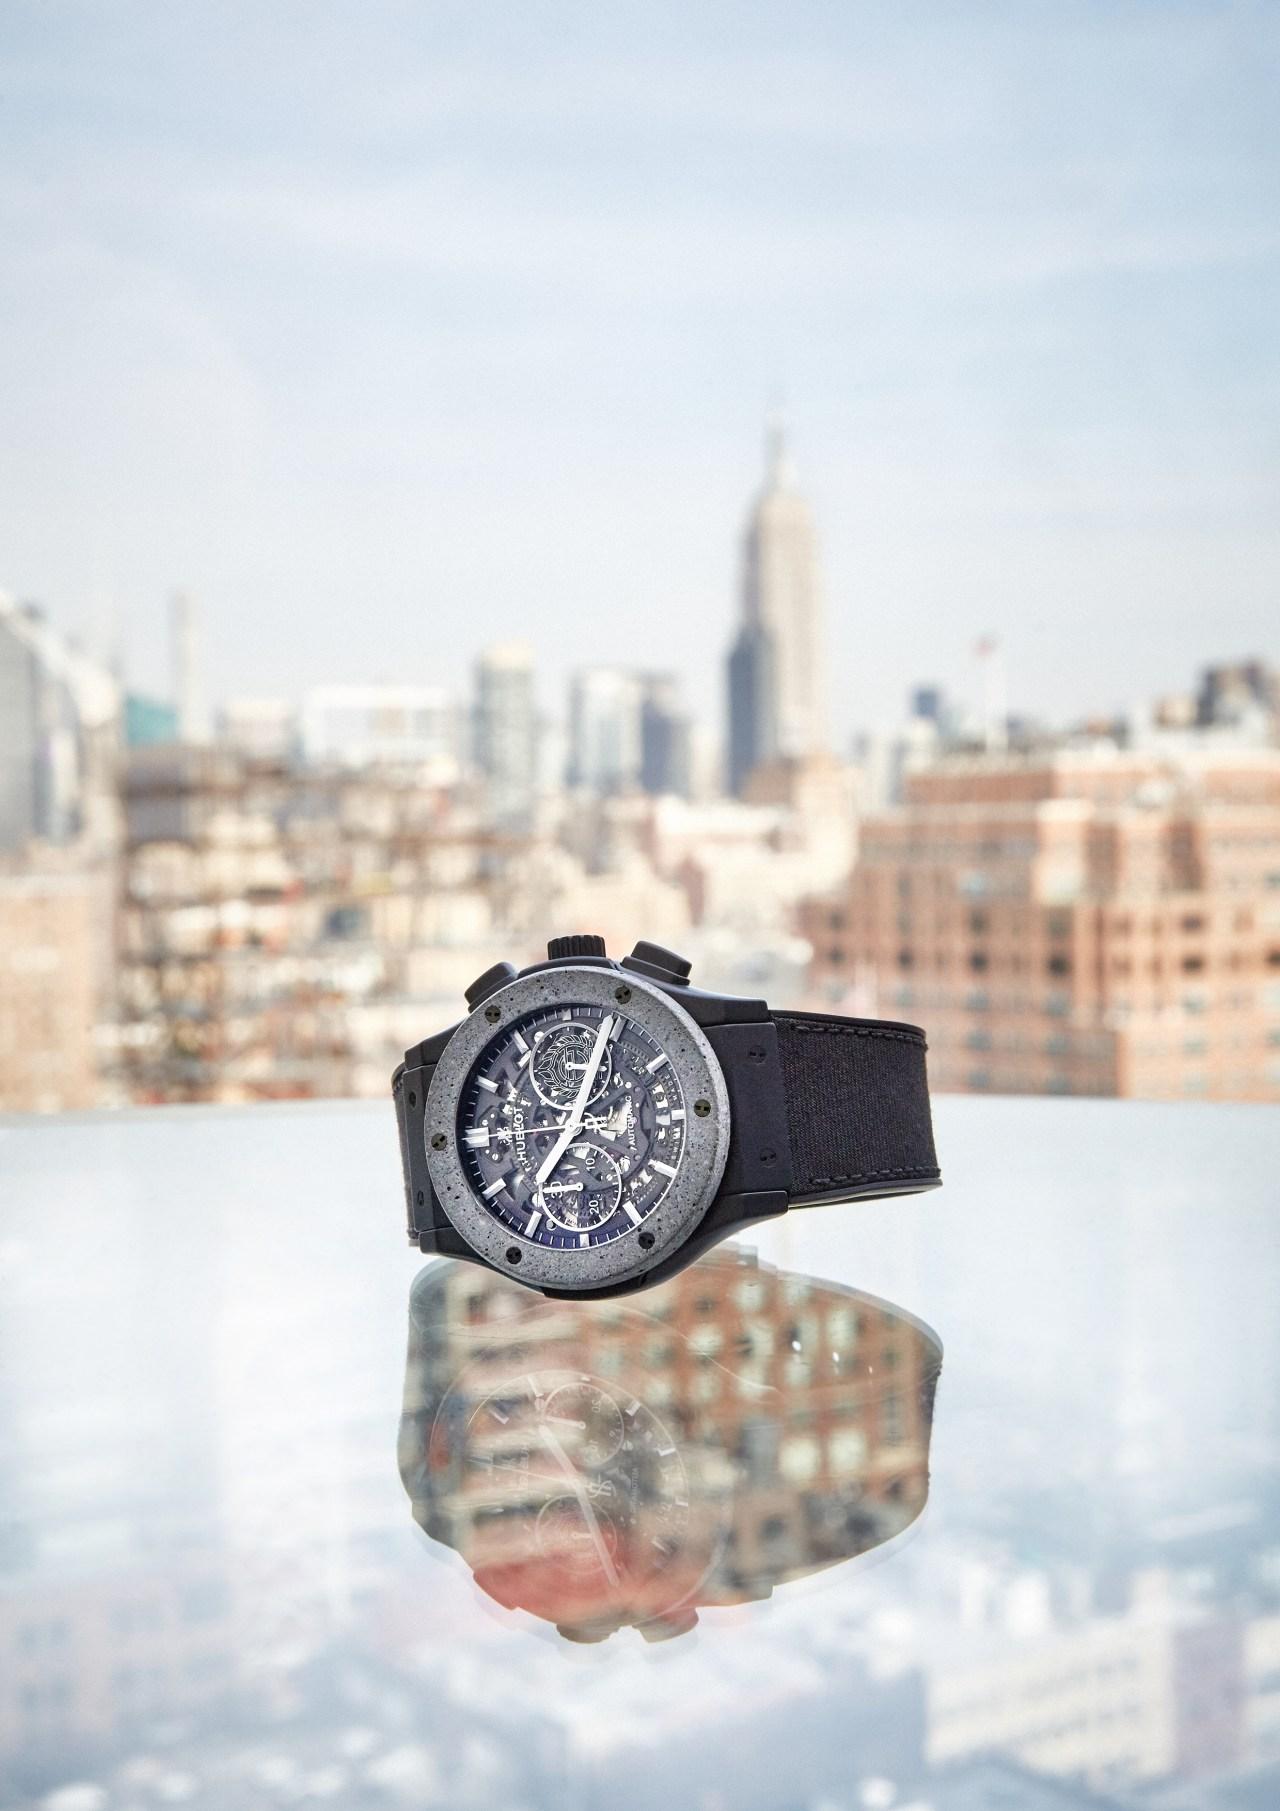 classic-fusion-aerofusion-chronograph-concrete-jungle-8